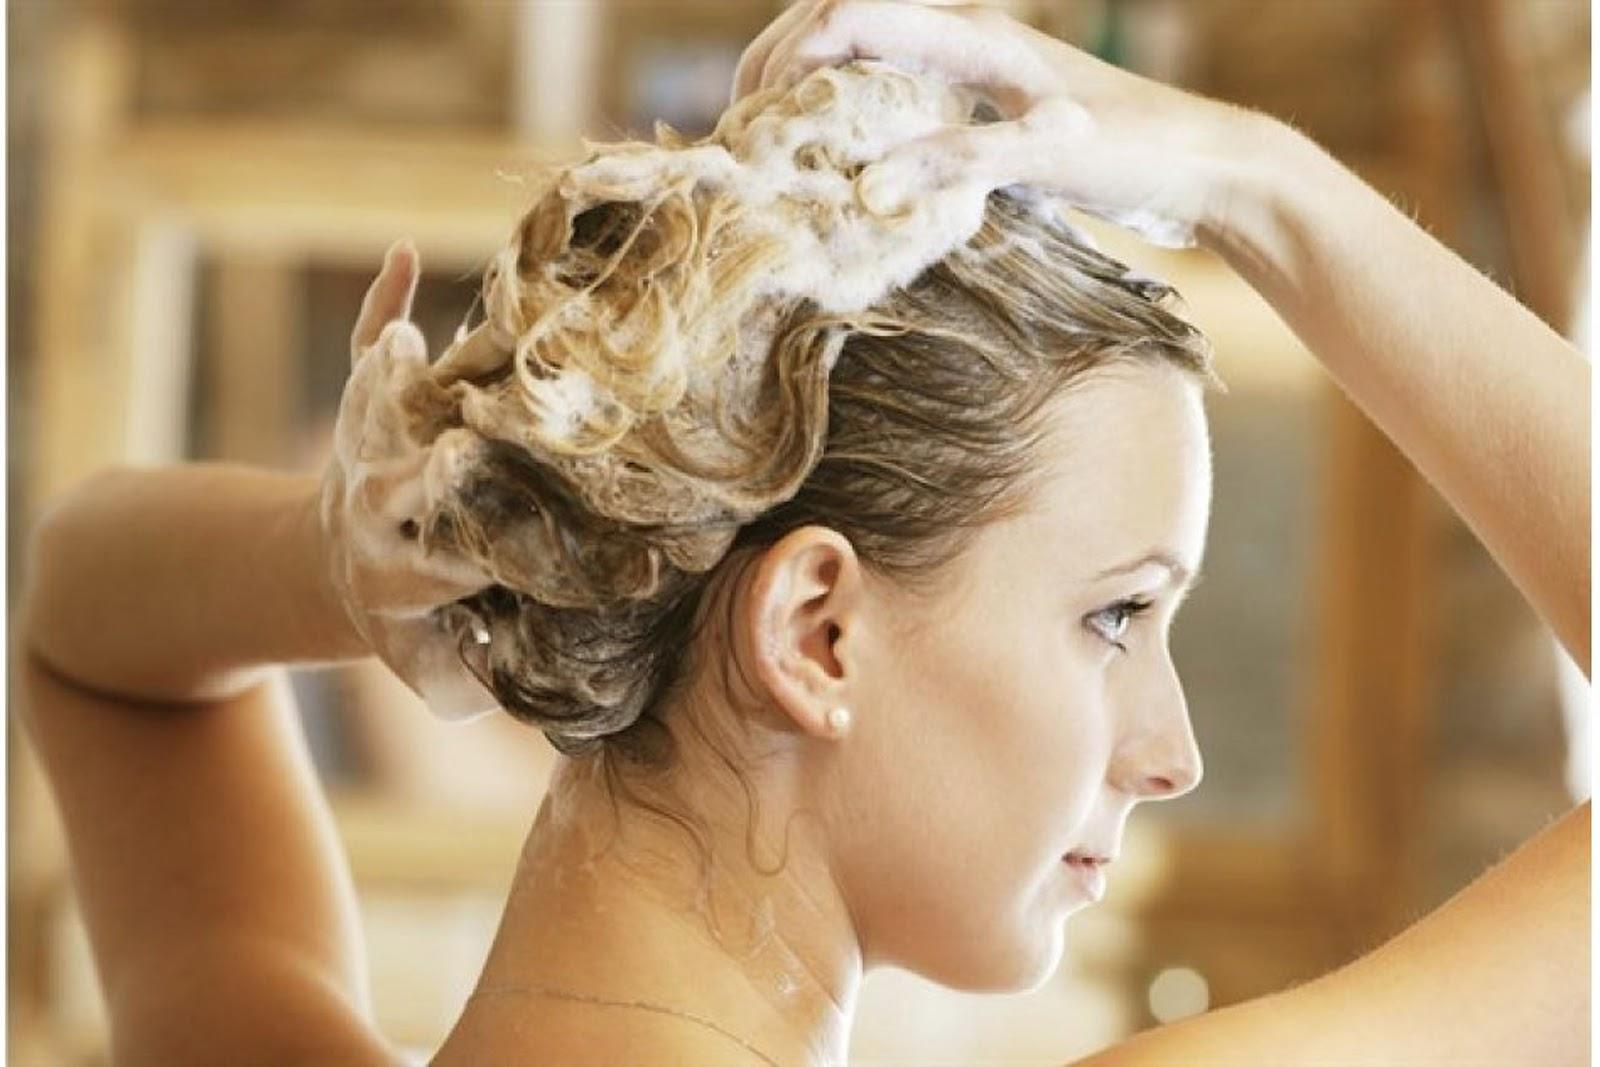 Gội đầu không đúng cách sẽ khiến tóc trở nên khô xơ và chẻ ngọn